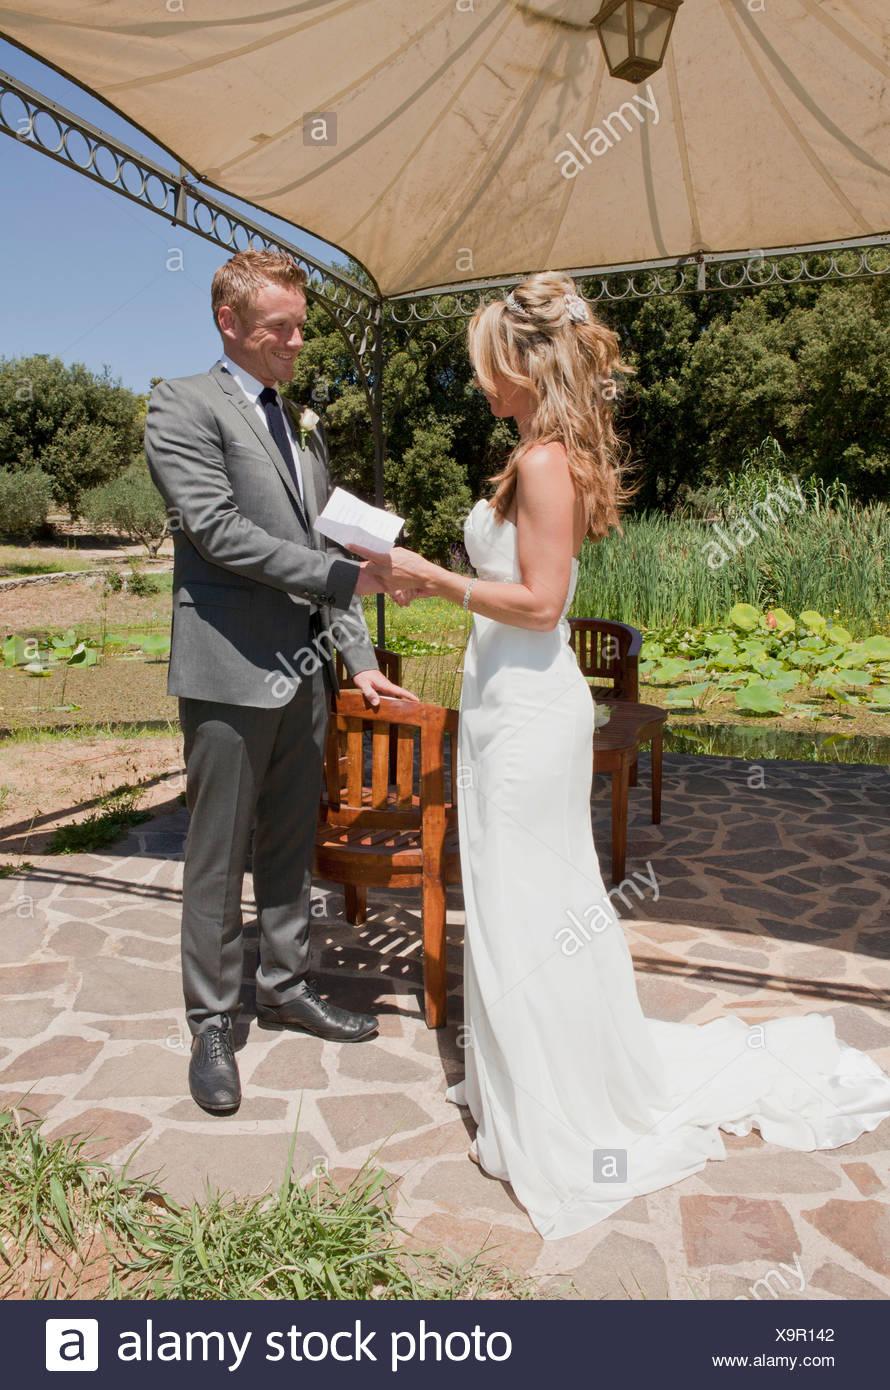 Mitte erwachsenes paar am Hochzeitstag Stockbild